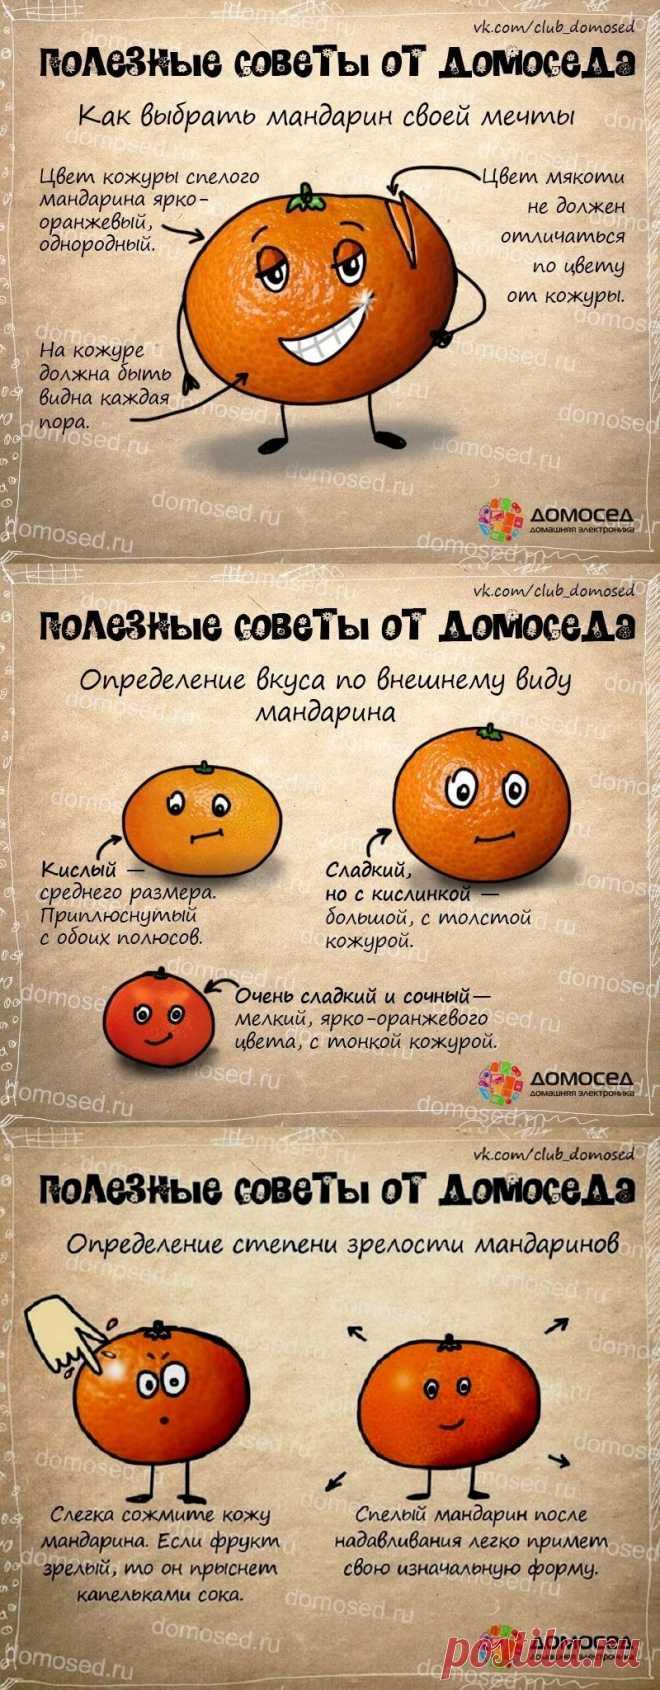 Как выбрать мандарины - полезные советы от домоседа